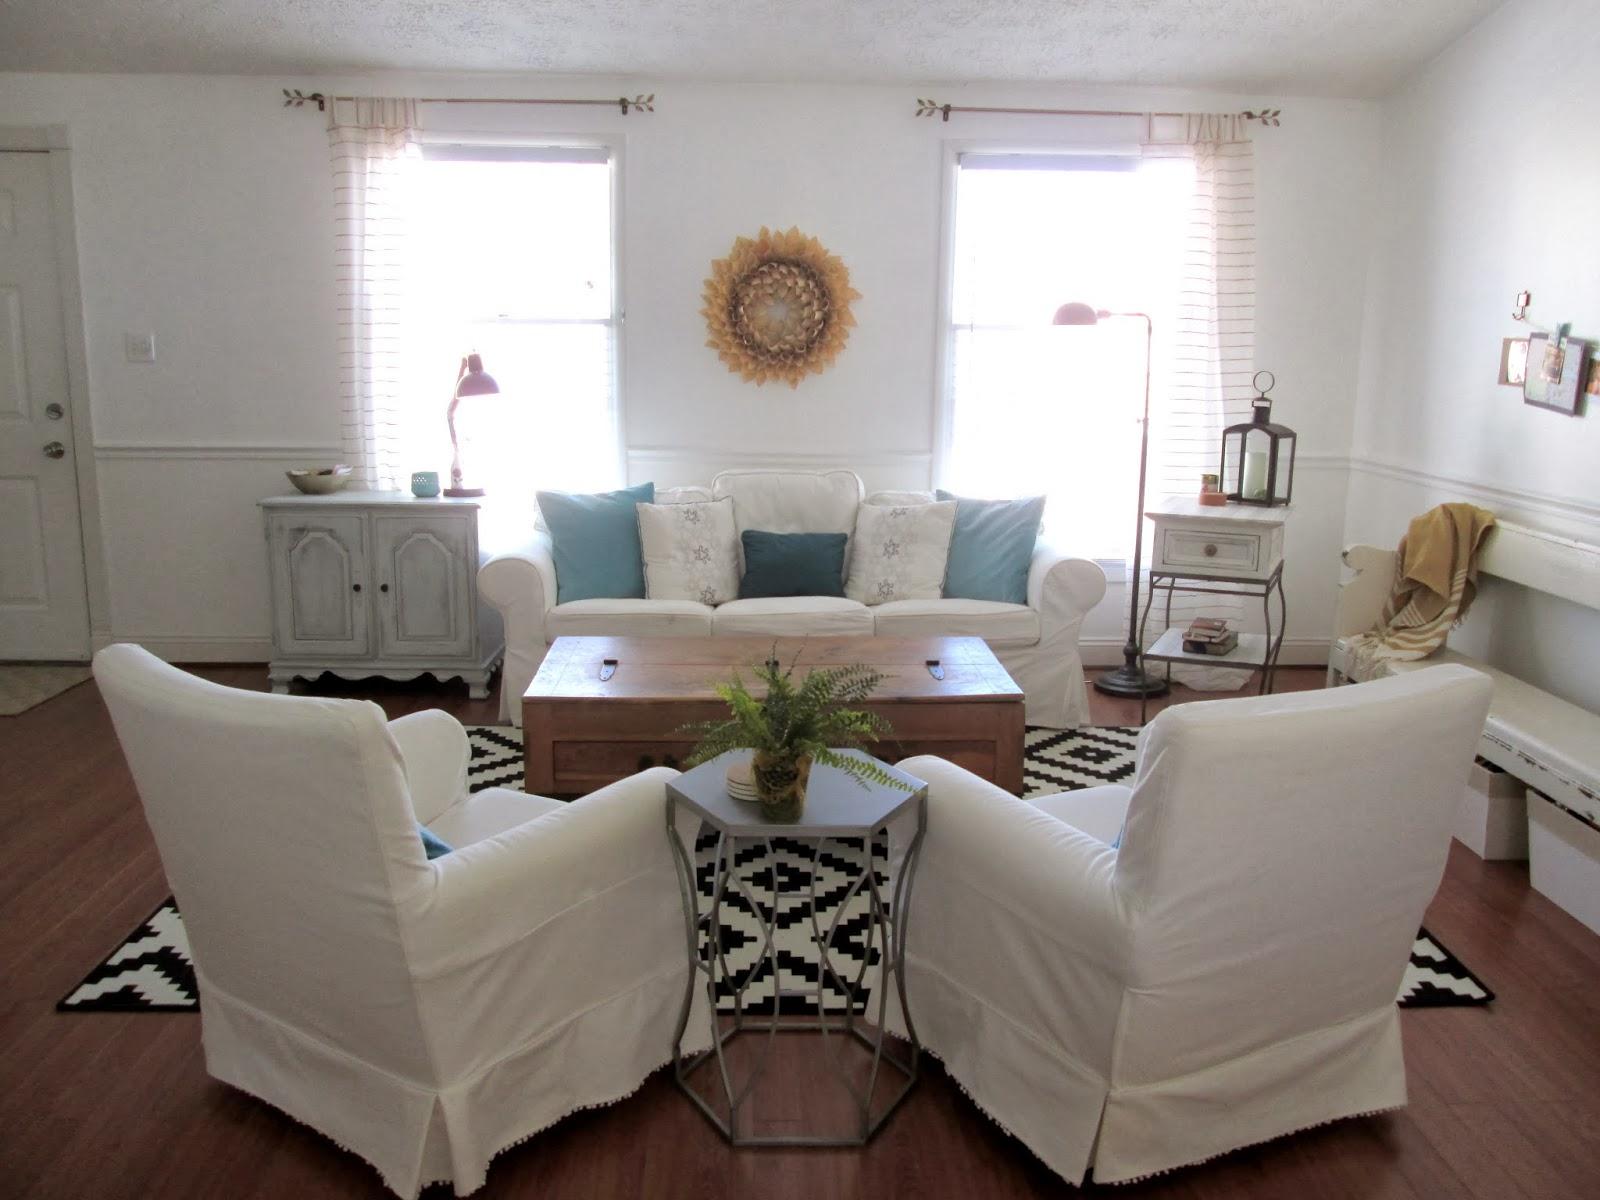 new+living+room12.jpg